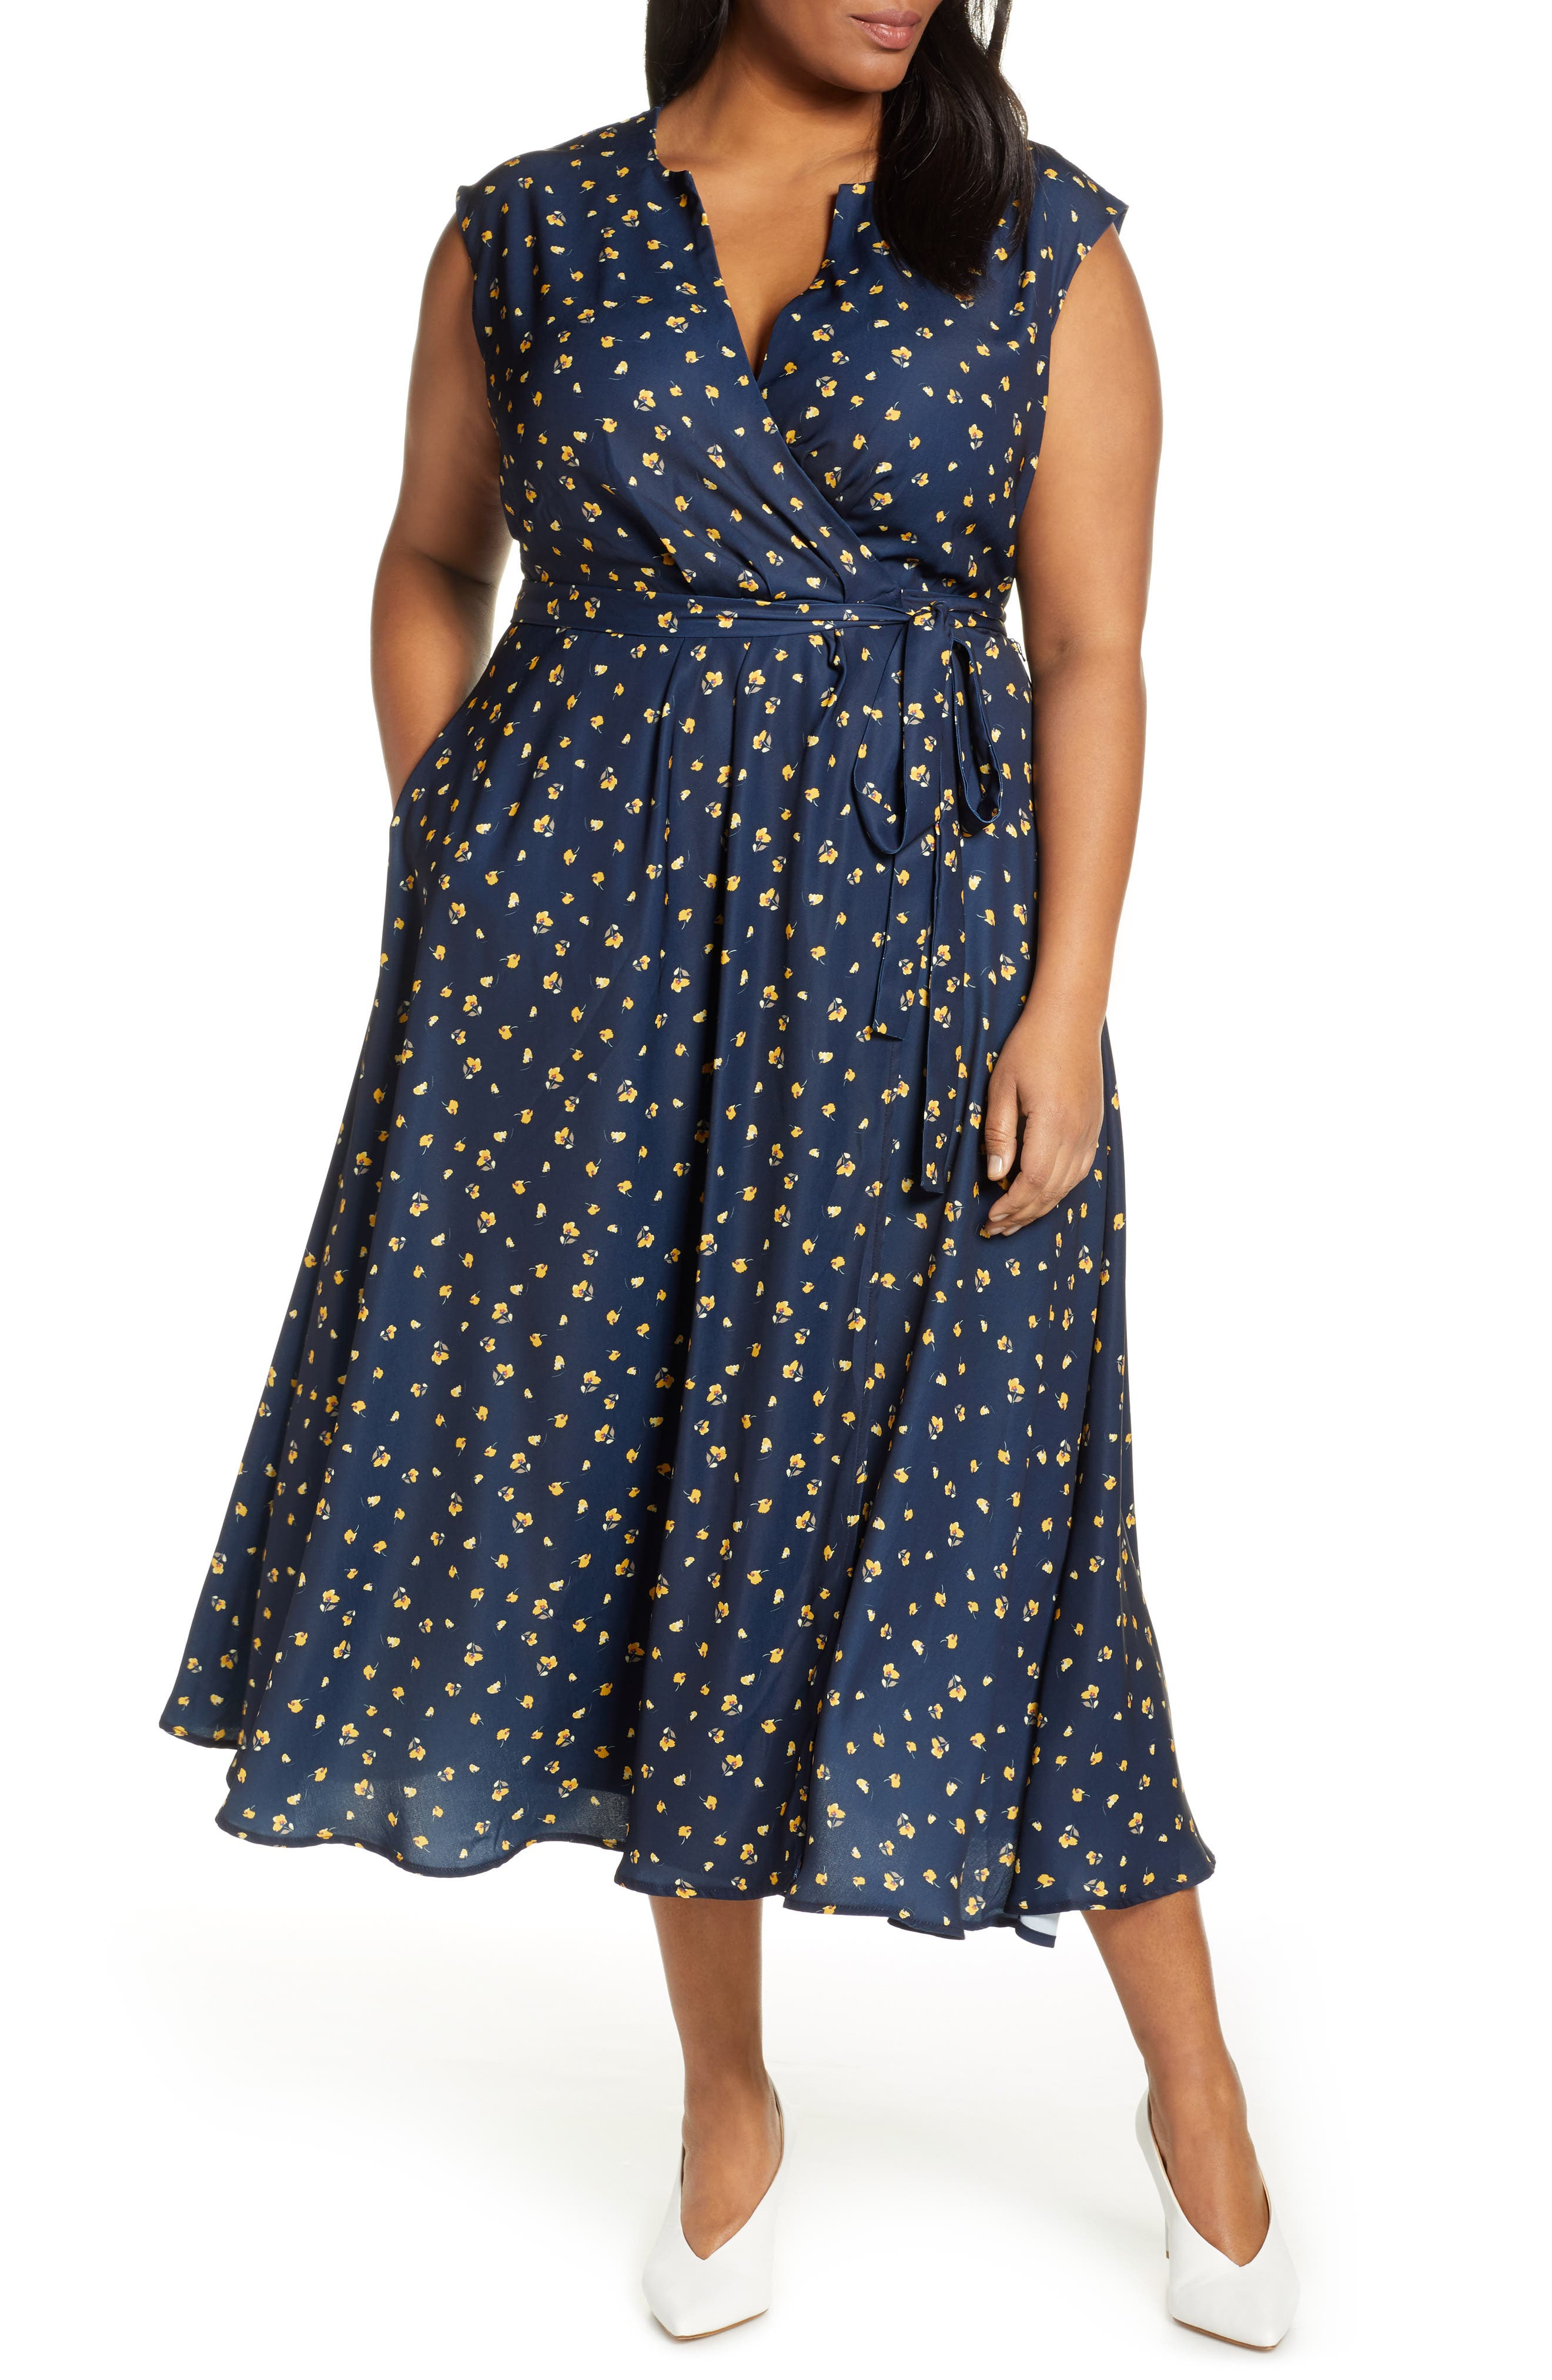 1930s Art Deco Plus Size Dresses | Tea Dresses, Party Dresses Plus Size Womens Jason Wu X Eloquii Surplice Midi Wrap Dress $99.95 AT vintagedancer.com